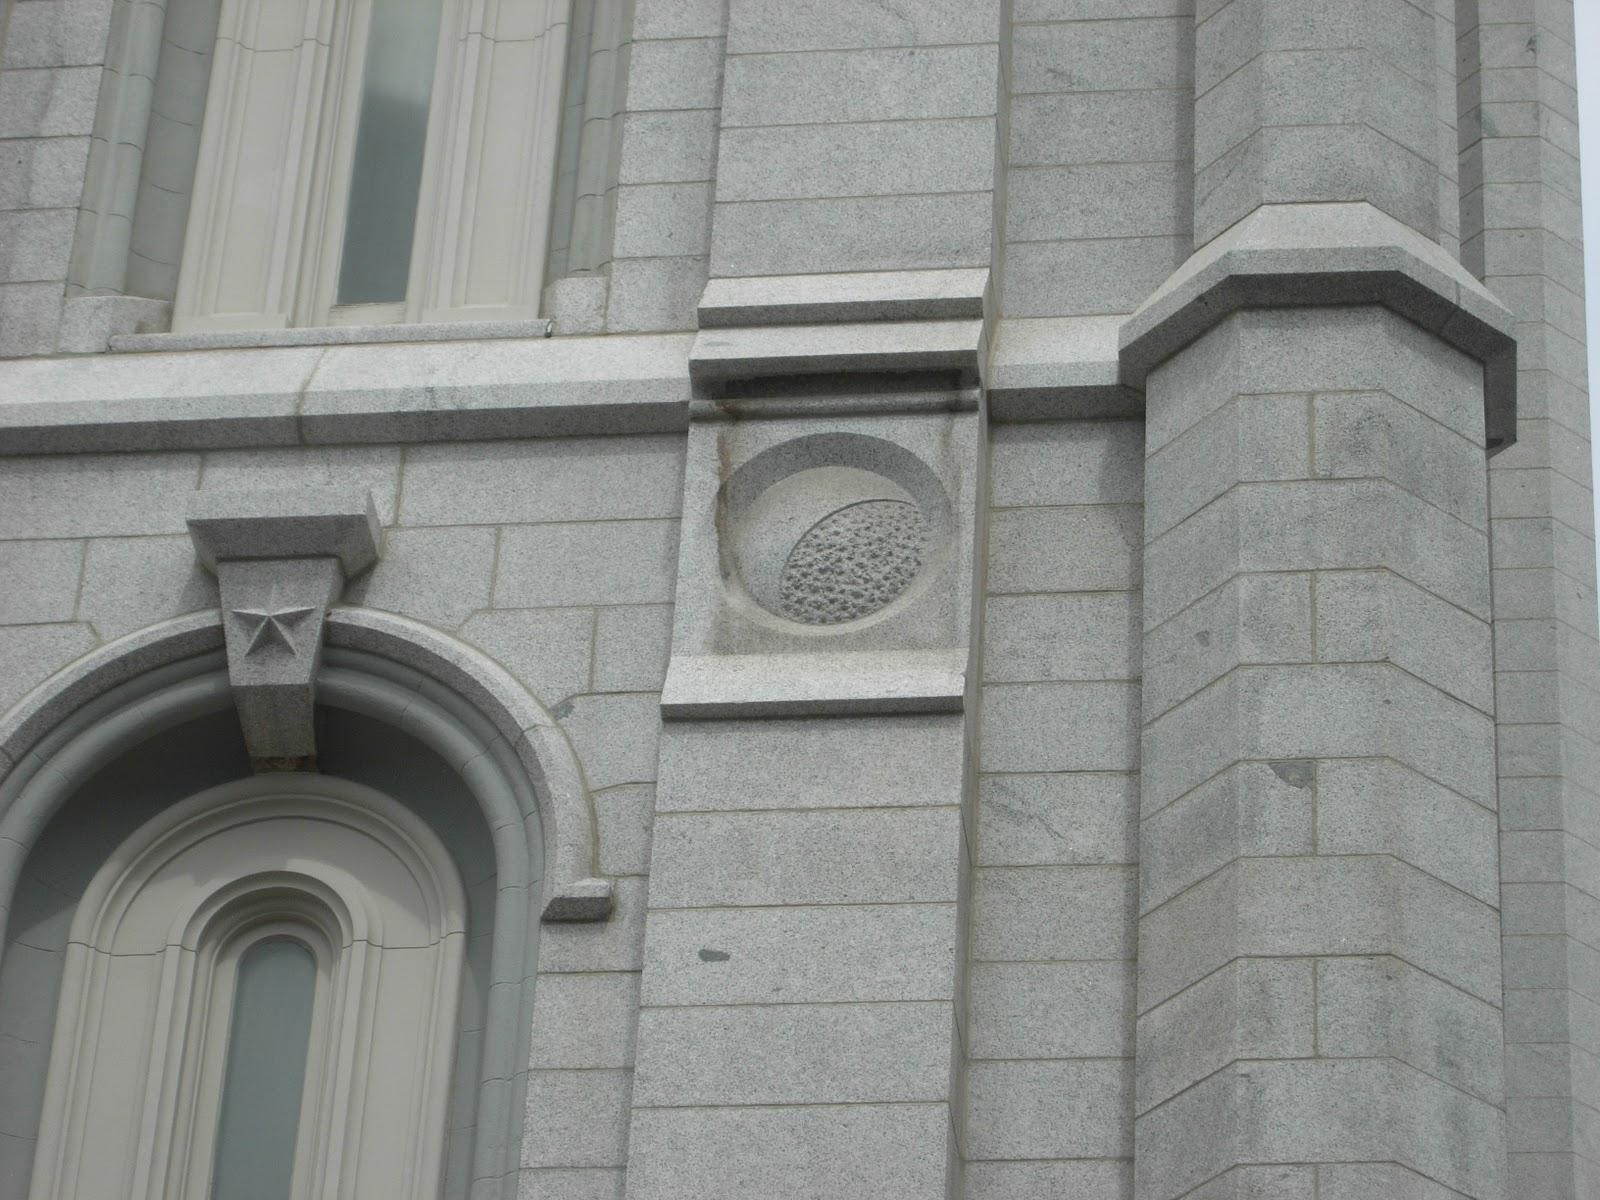 The Mormon Eagle Salt Lake Temple Stone Symbols